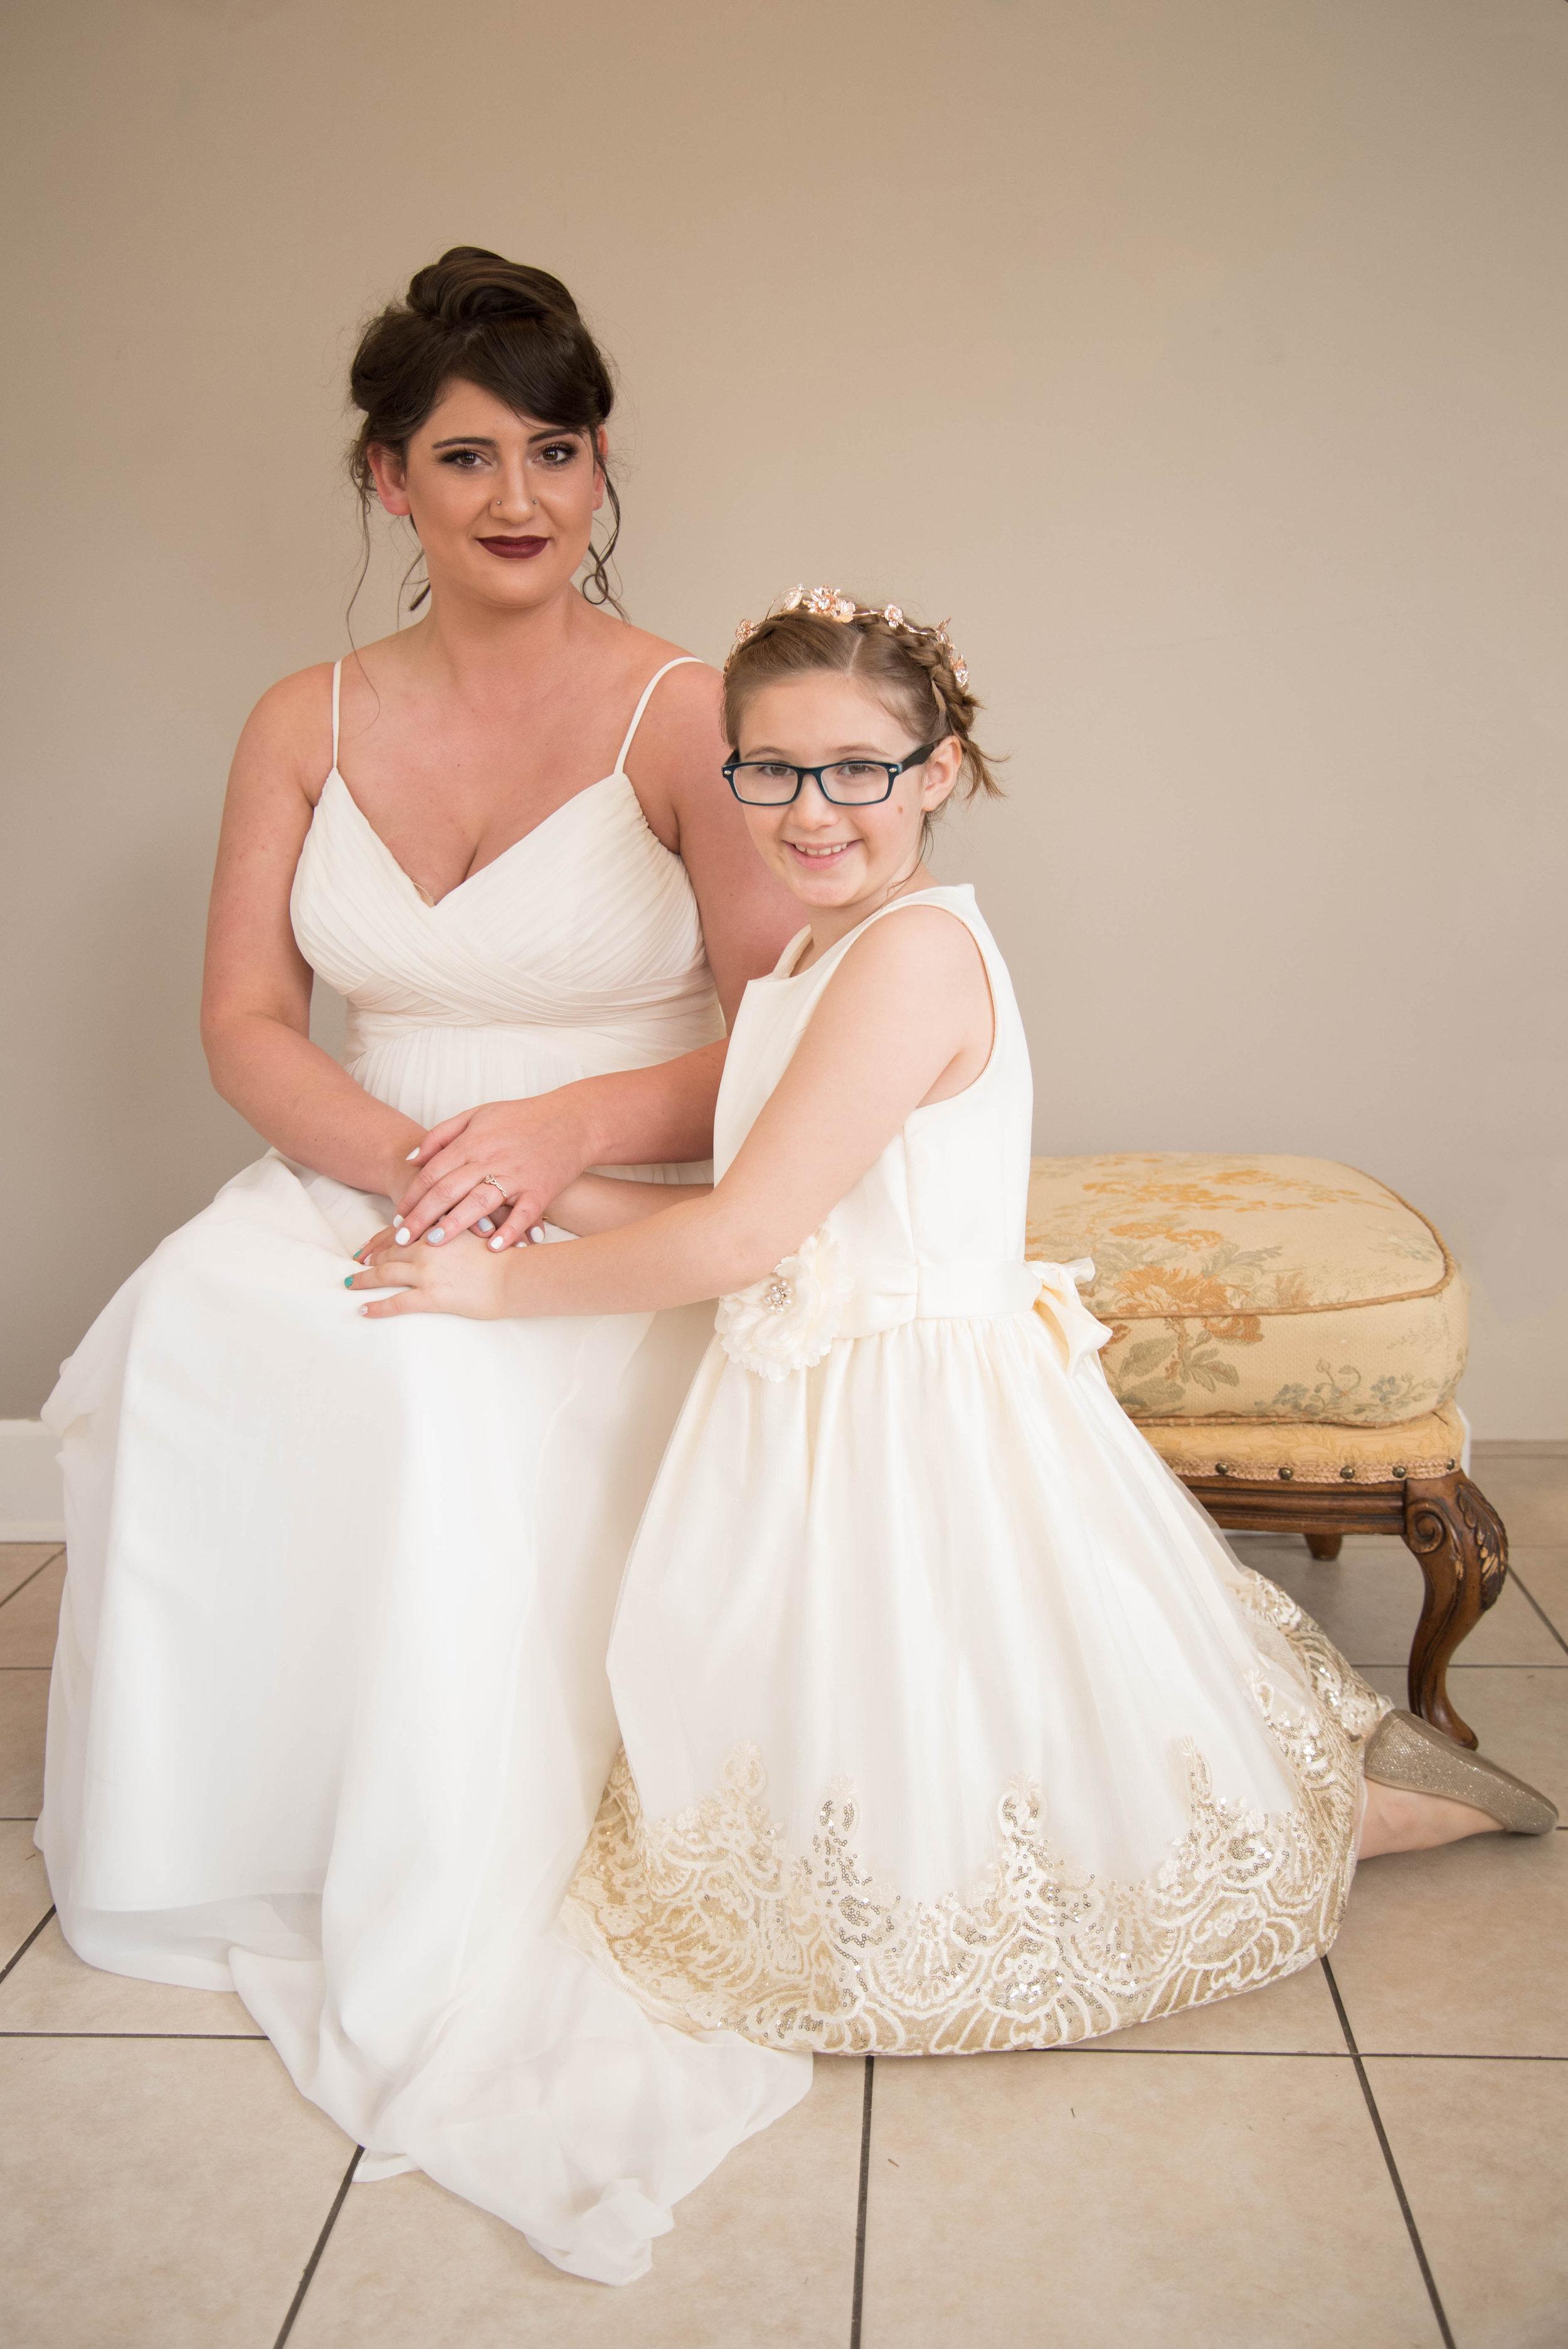 weddingparty-007.jpg